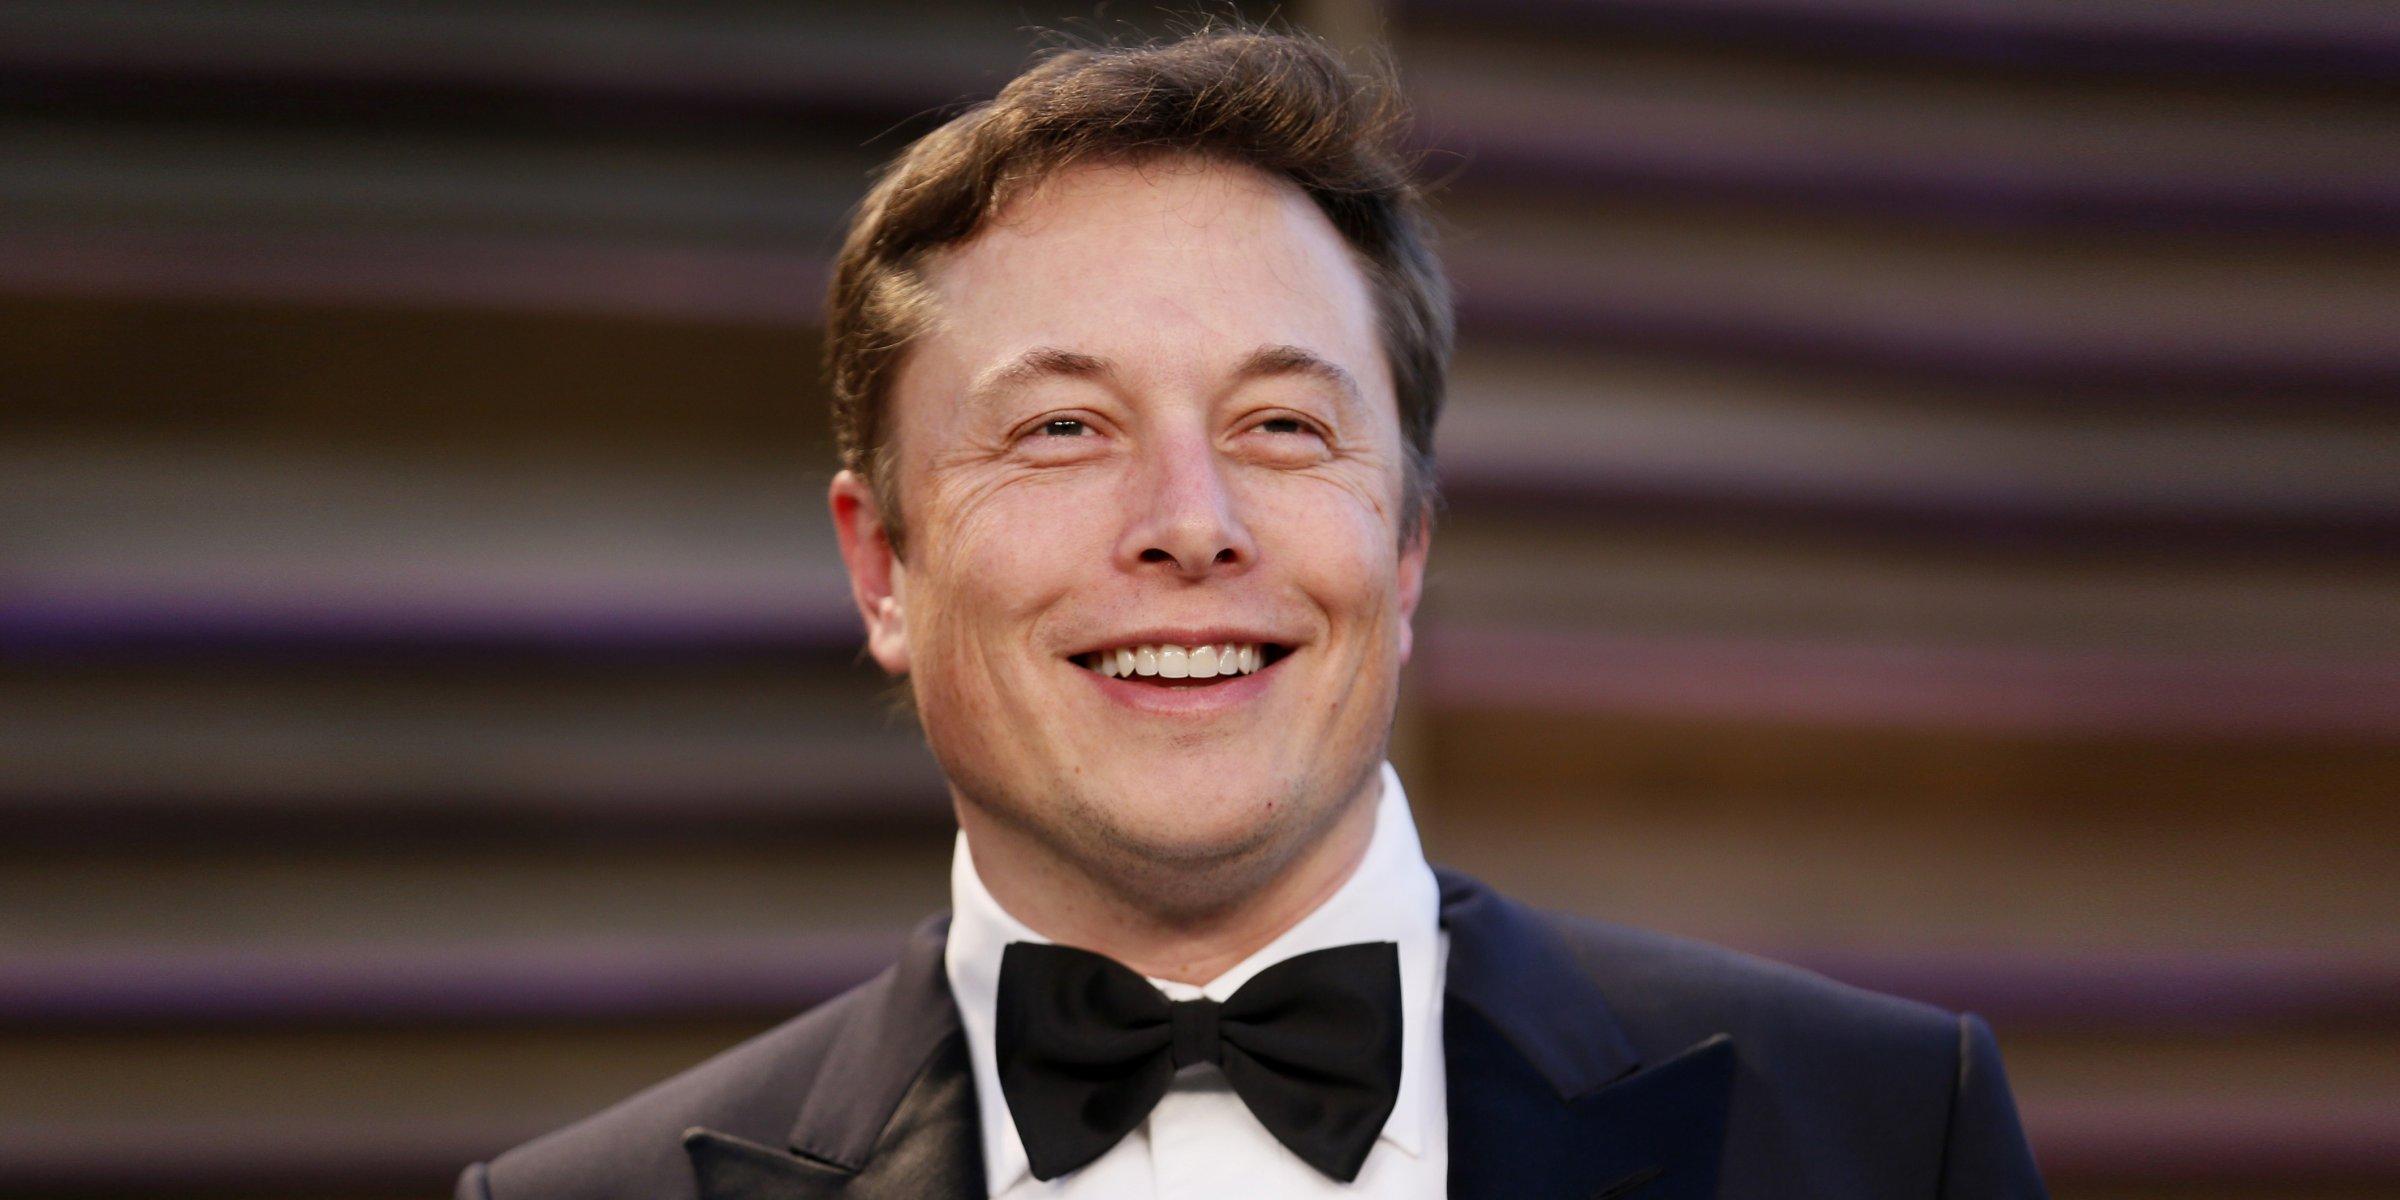 Người đàn ông lúc nào cũng nghĩ Viển vông, bắt đầu từ số 0 và kiếm được 506 tỷ khi 27 tuổi, và trở thành tỷ phú thế giới sau này